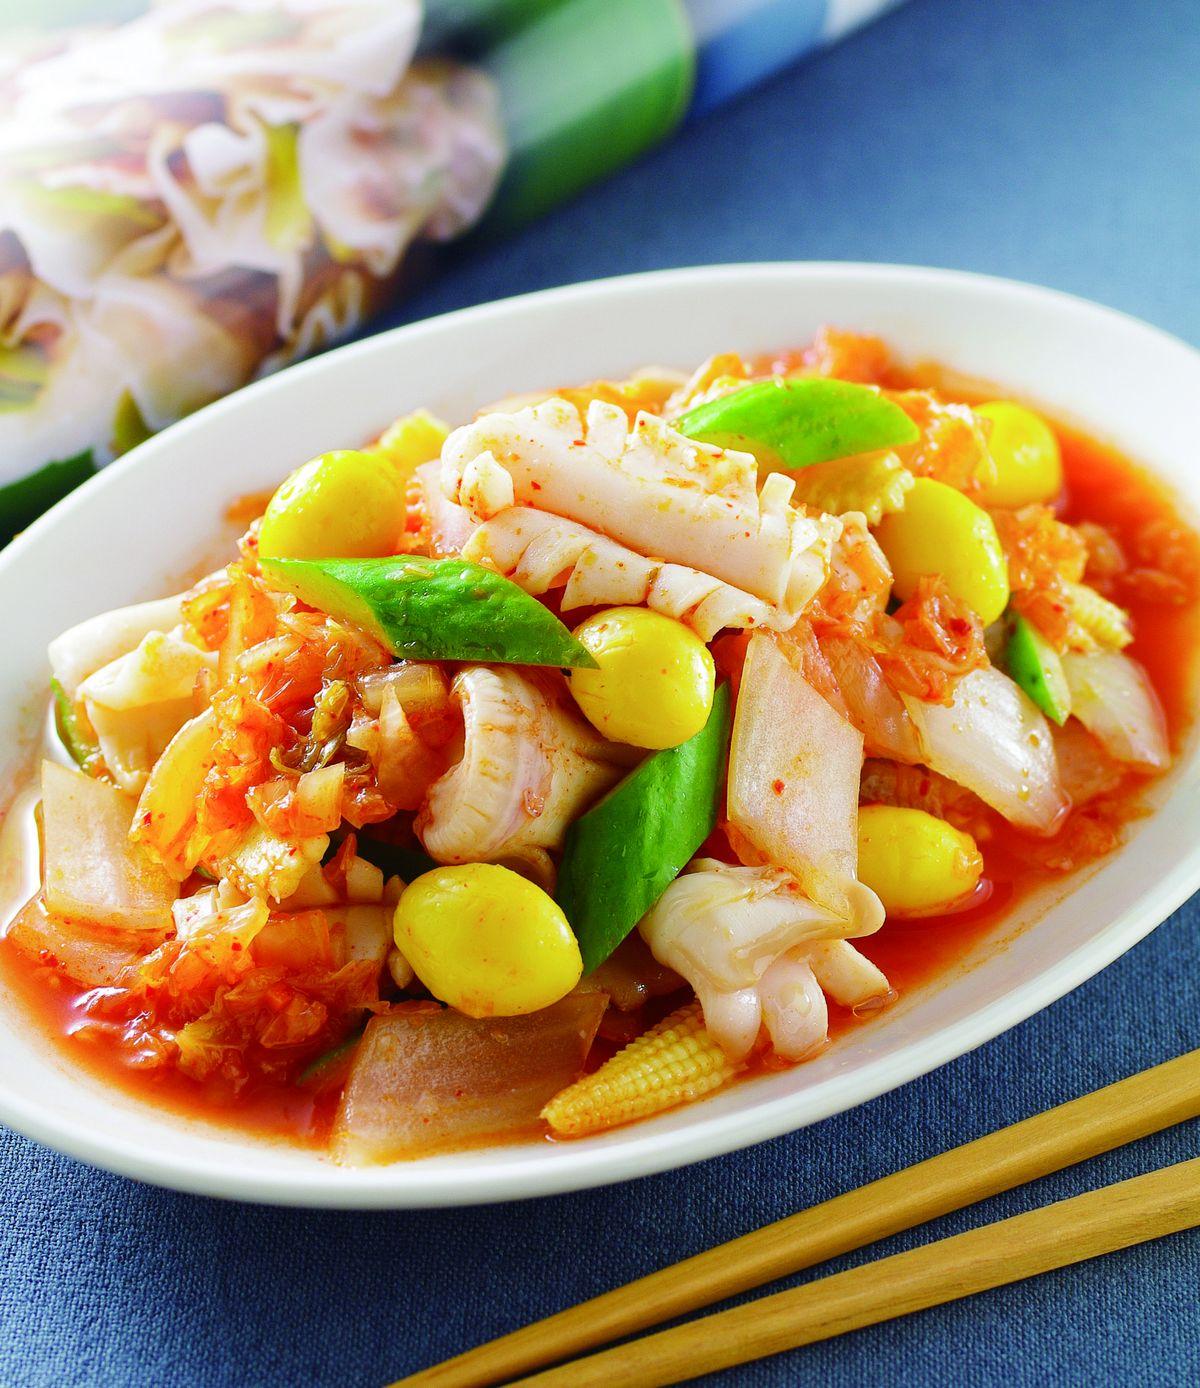 食譜:泡菜中卷